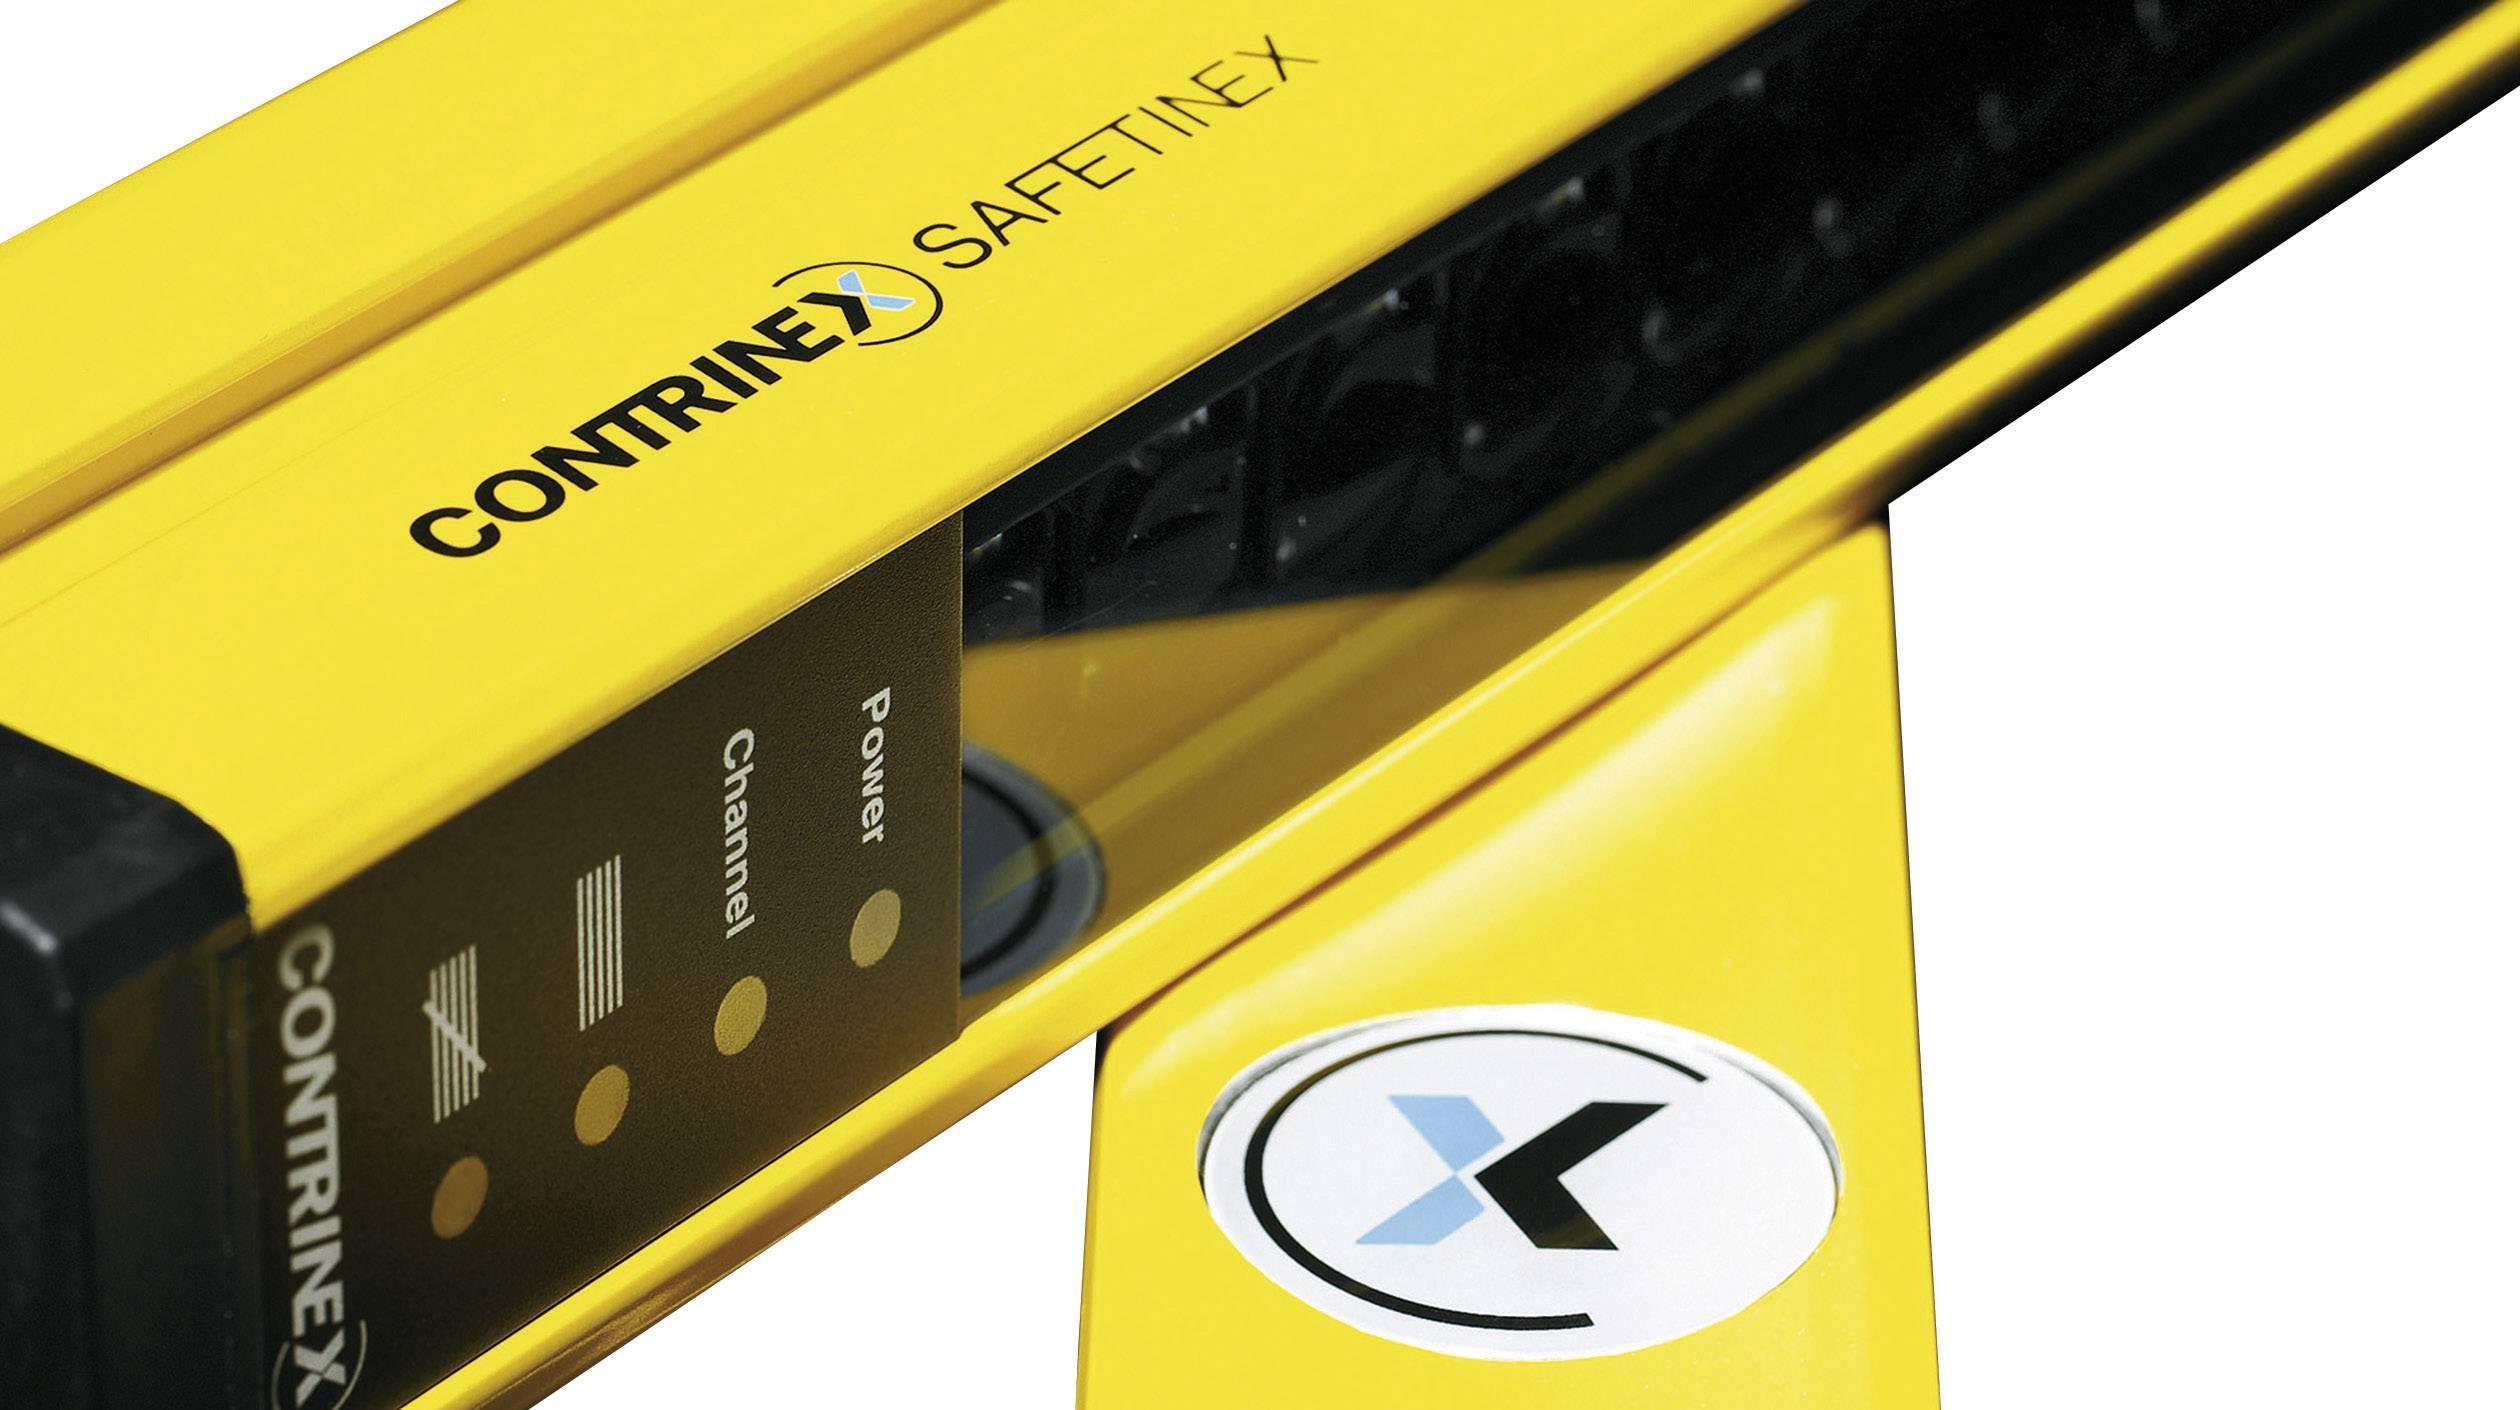 Bezpečnostní světelná závora pro ochranu rukou Contrinex YBB-30R4-0900-G012 630 000 687